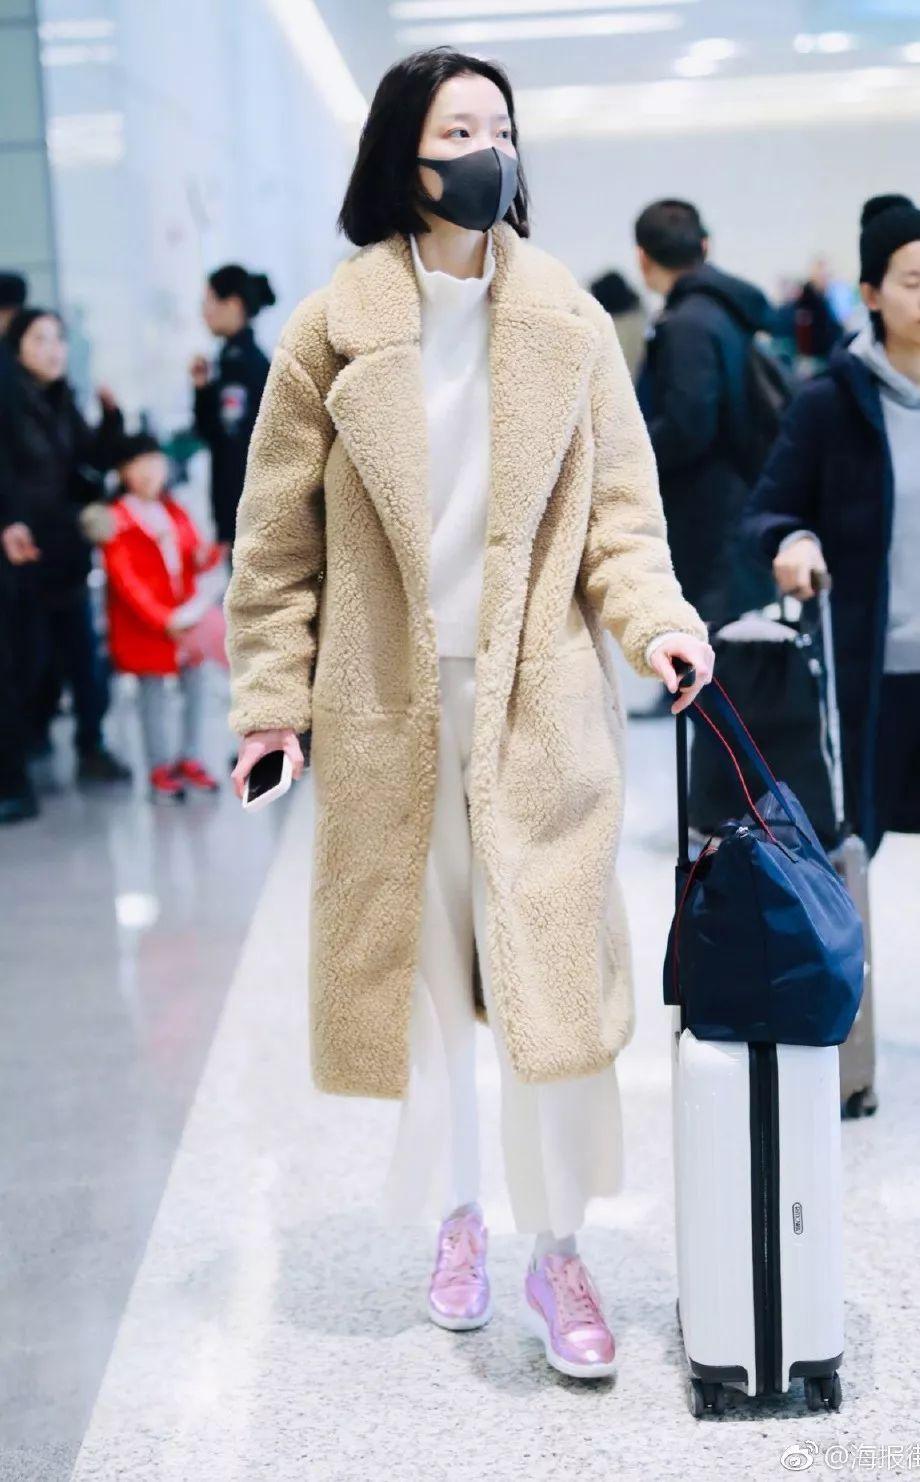 戚薇劉雯裹皮草,宋茜唐嫣穿大衣保暖,誰還敢玩「下半身失蹤」?